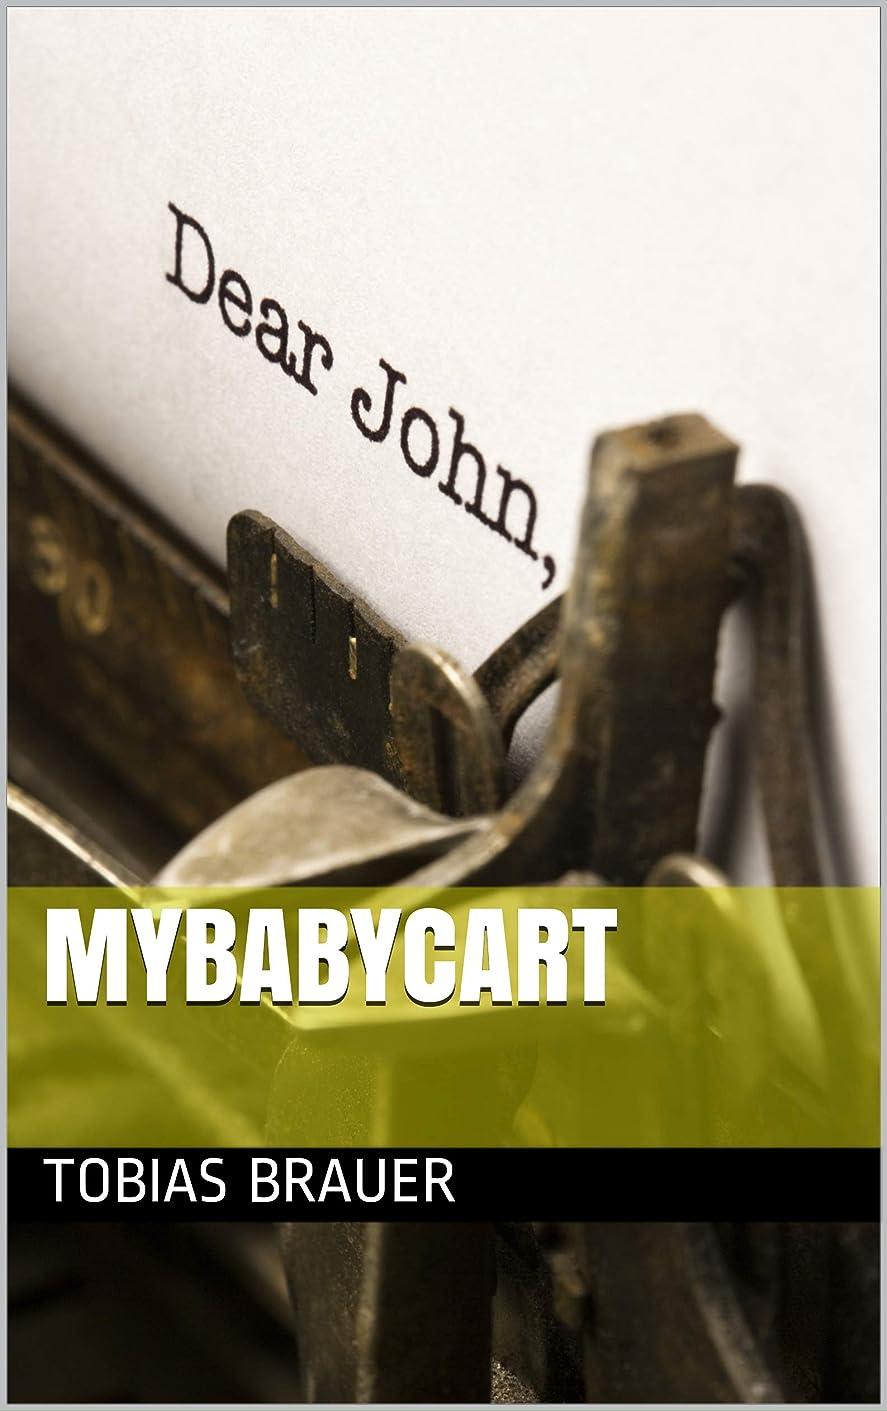 敬意を表する使用法命題MYBABYCART (Galician Edition)